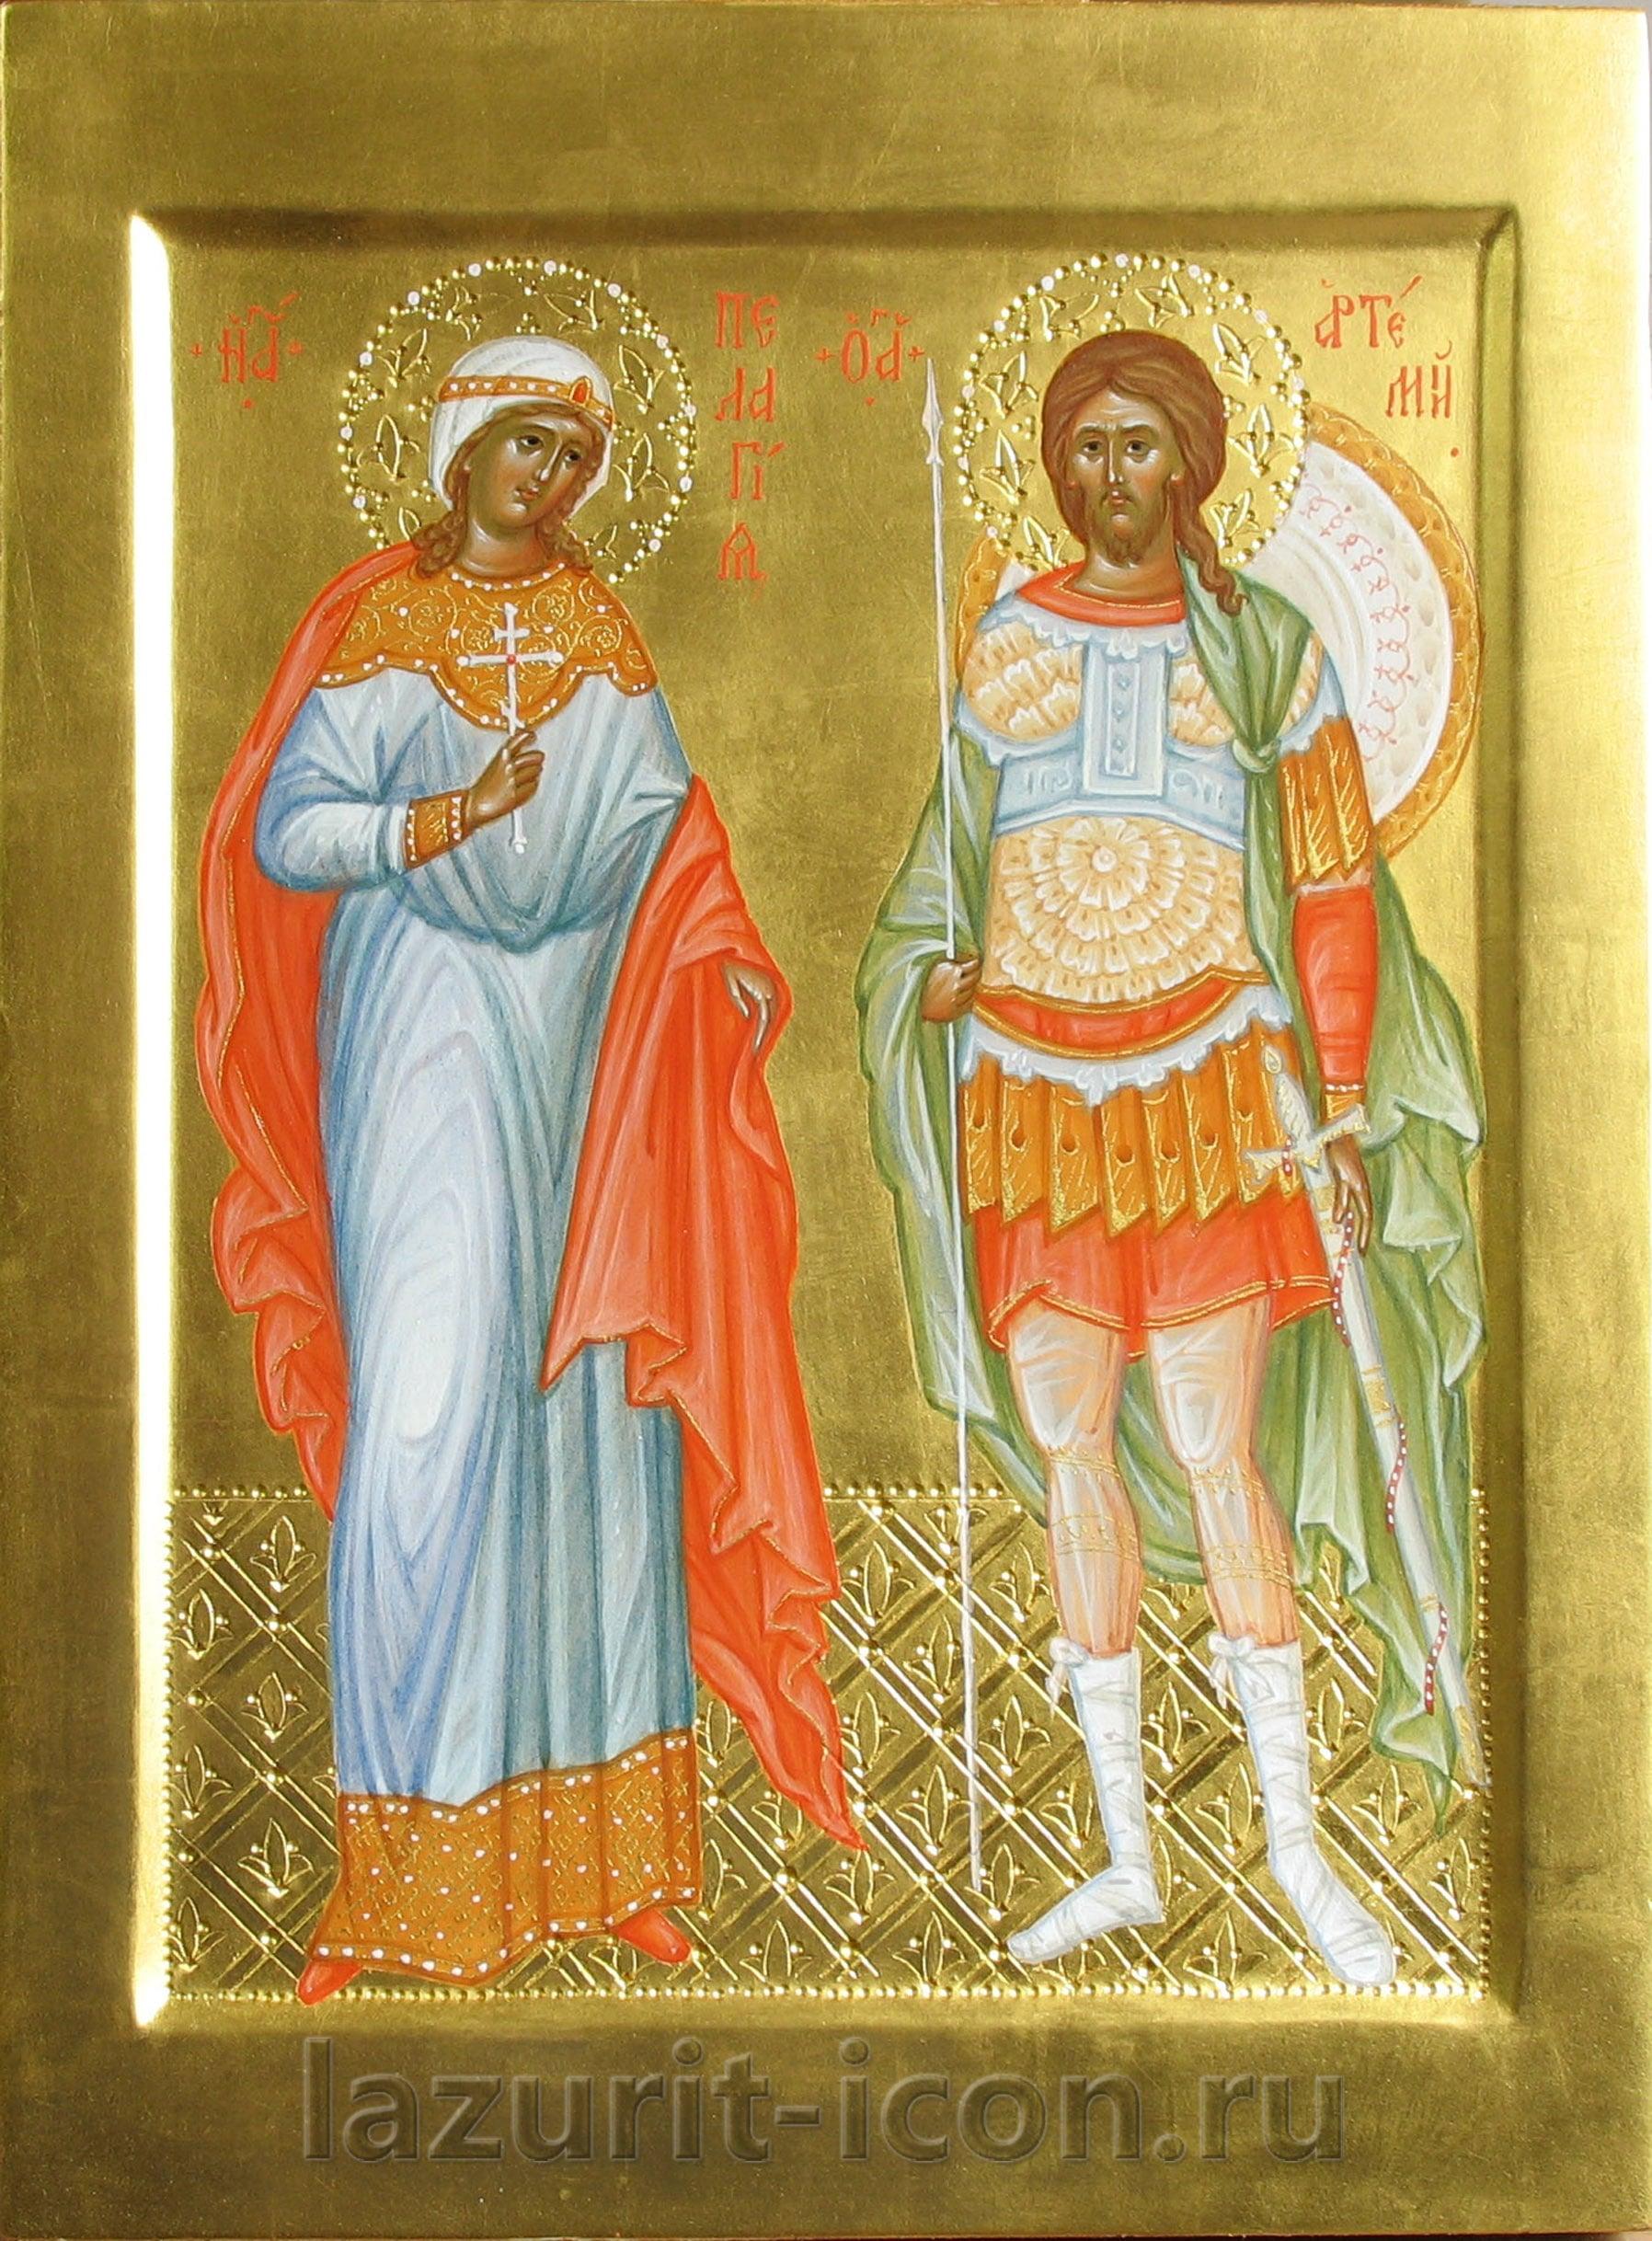 мученица Пелагия и великомученик Артемий